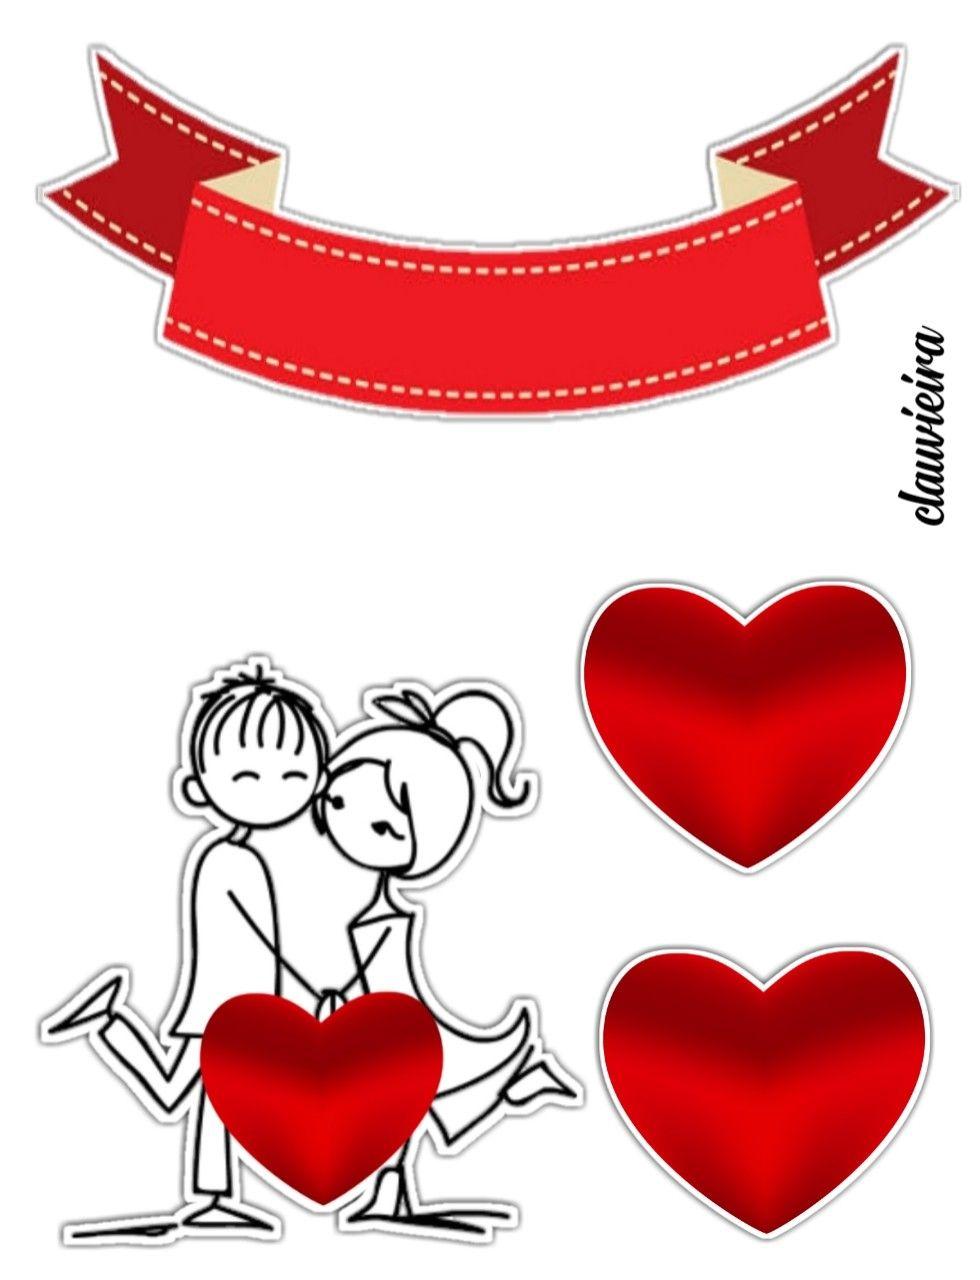 Pin De Monica Sugiarto Em Merried Dia Dos Namorados Barraca Do